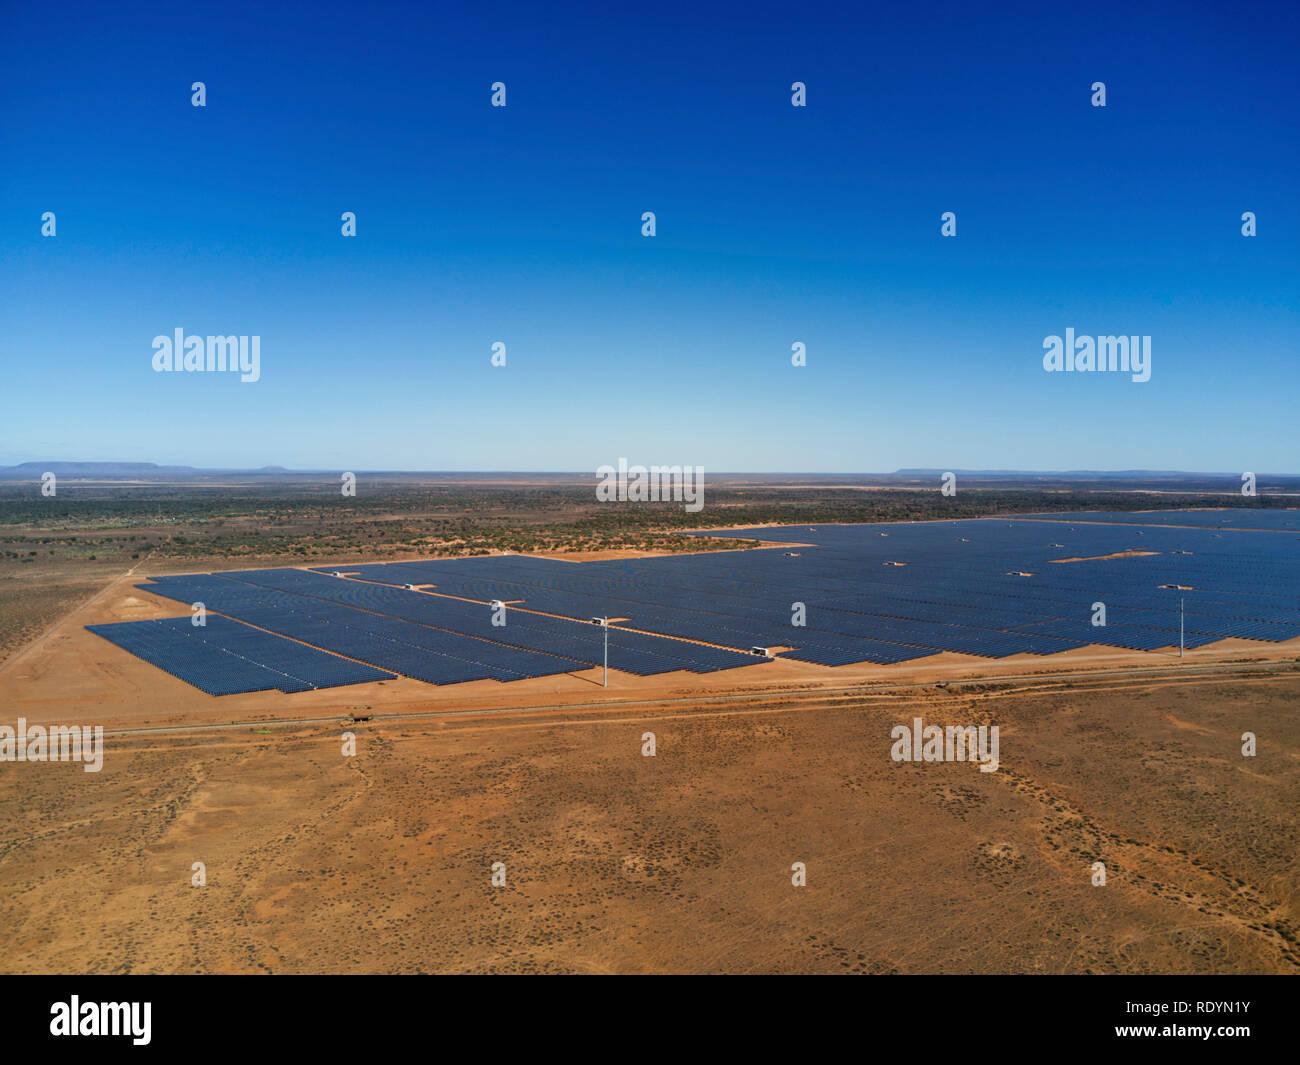 Bungala Solarparks (Dez. 2018) ist die grösste Solarpark in Australien mit einer Fläche von 800 Hektar. In der Nähe von Port Augusta South Australia Stockbild